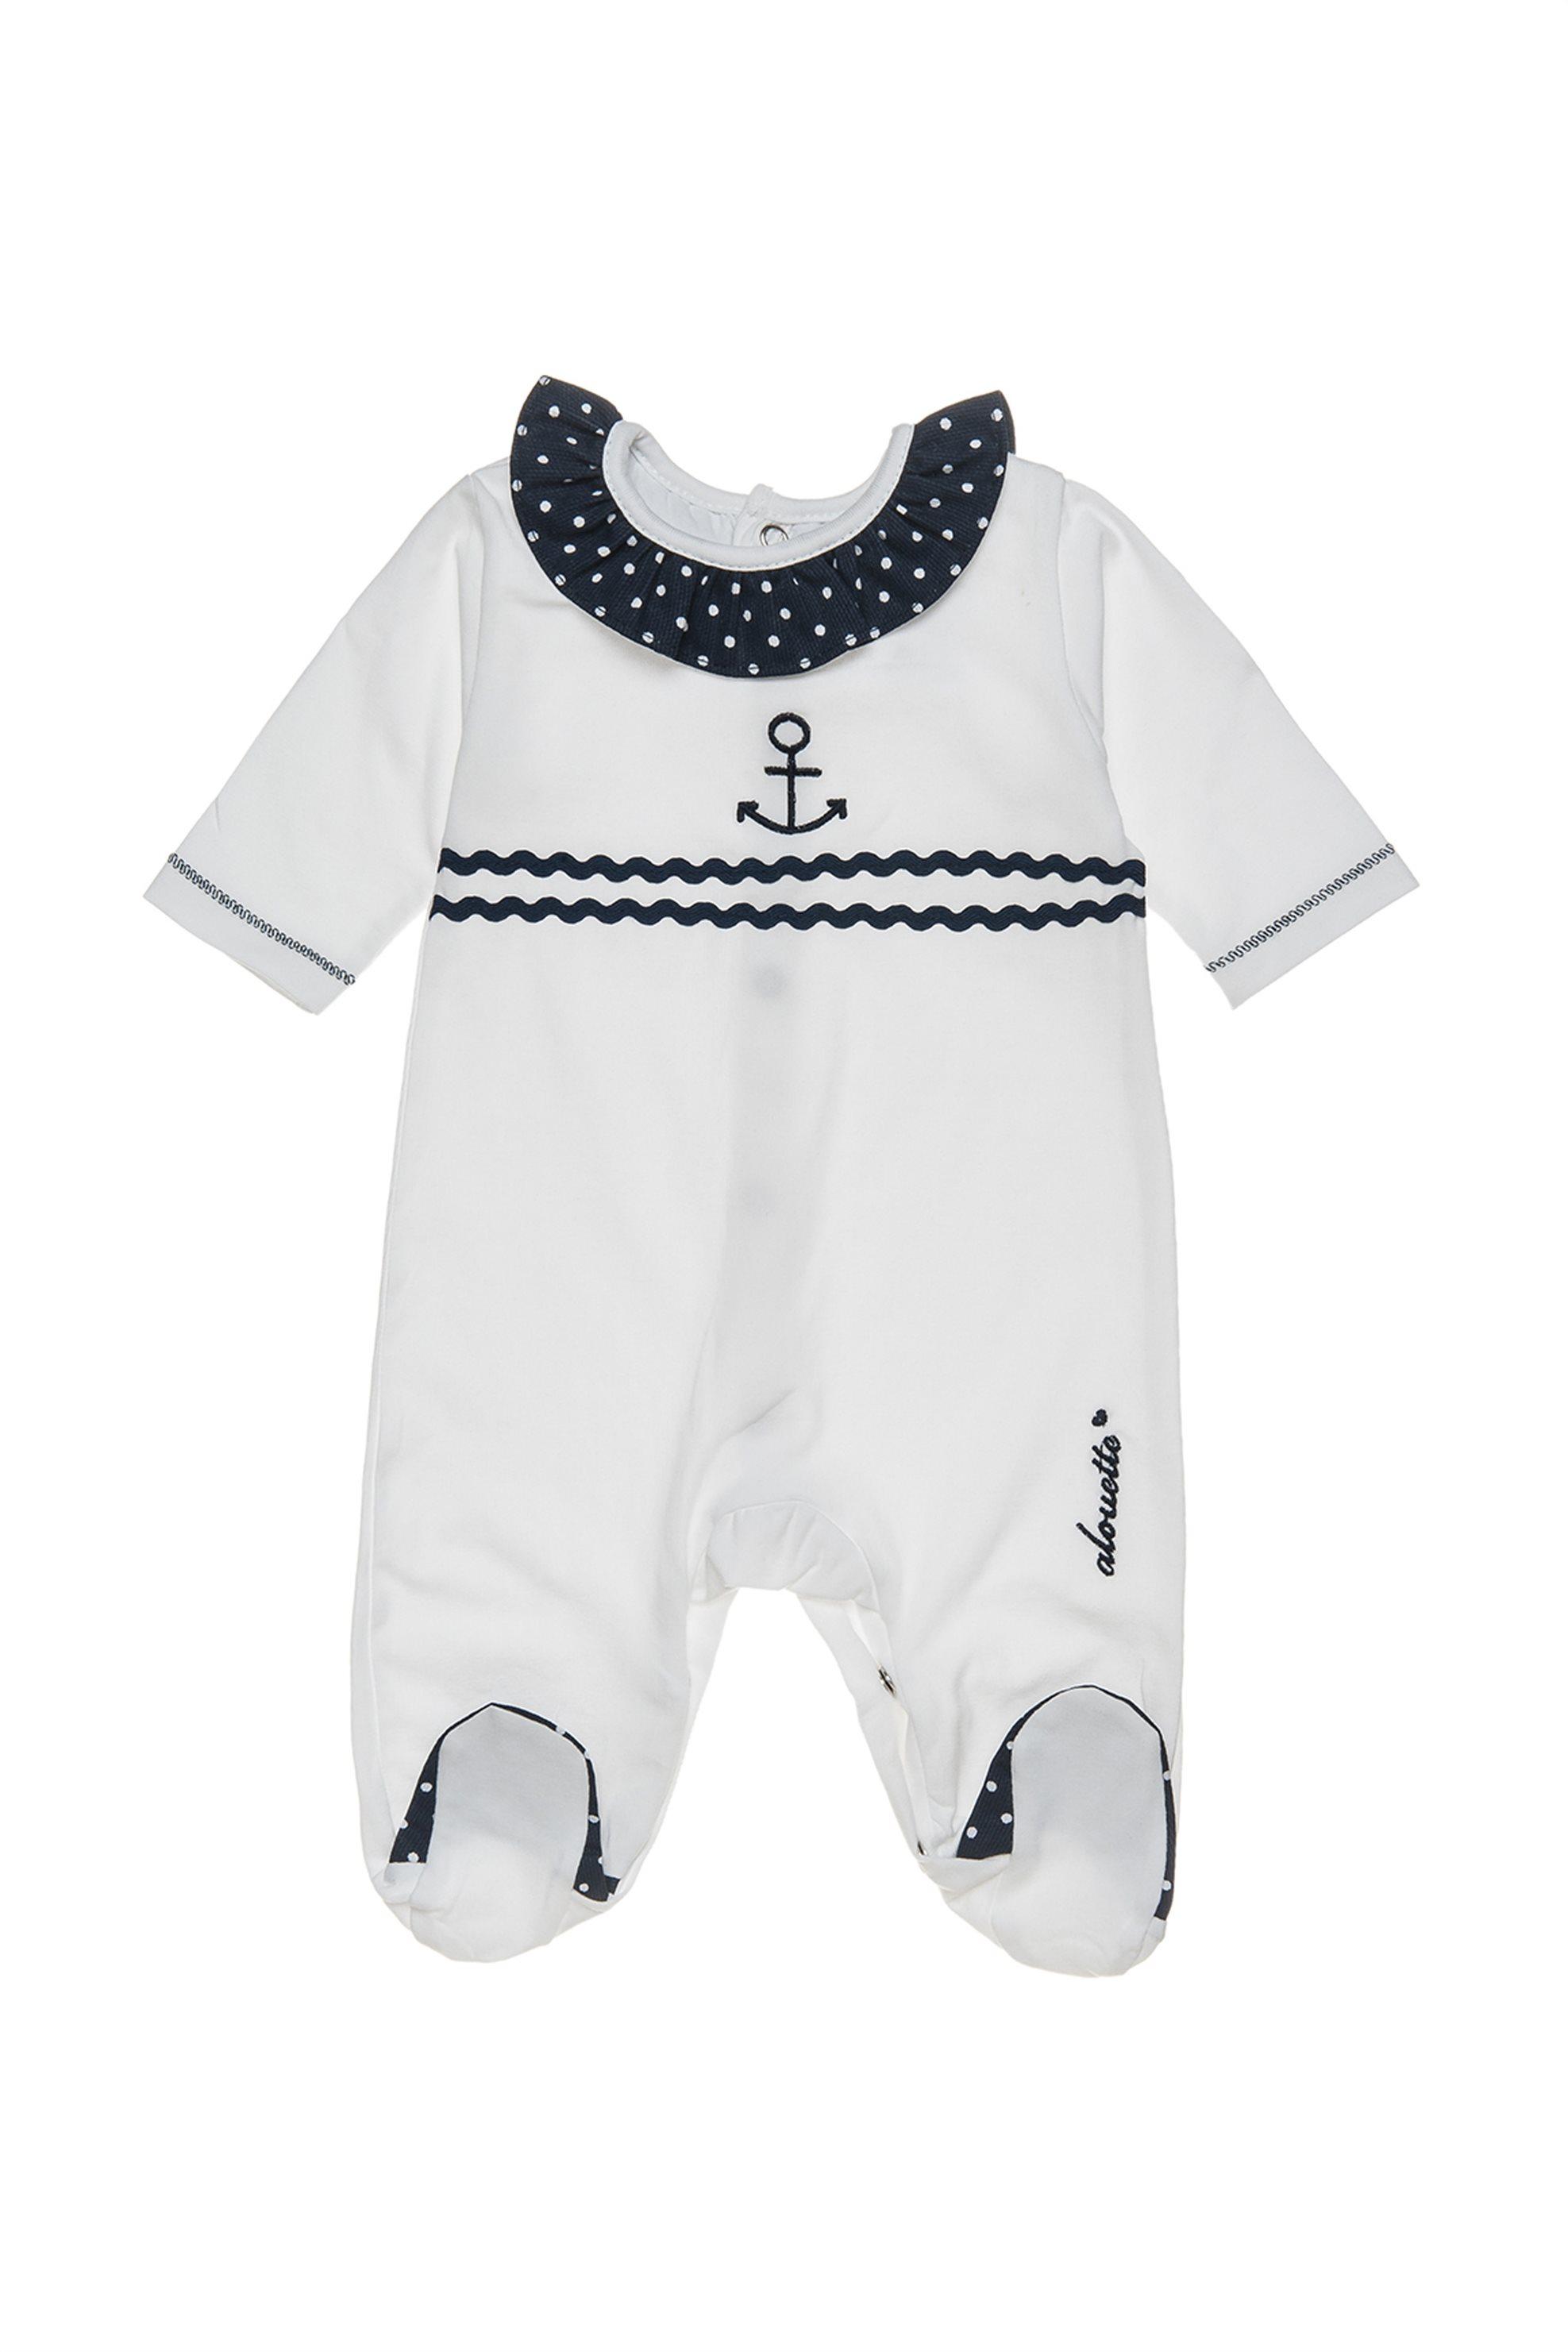 Βρεφικό φορμάκι κοντομάνικο με κλειστο μπατζάκι Alouette - 00480977 - Λευκό παιδι   βρεφικα κοριτσι   0 3 ετων   ρούχα   φορμάκια